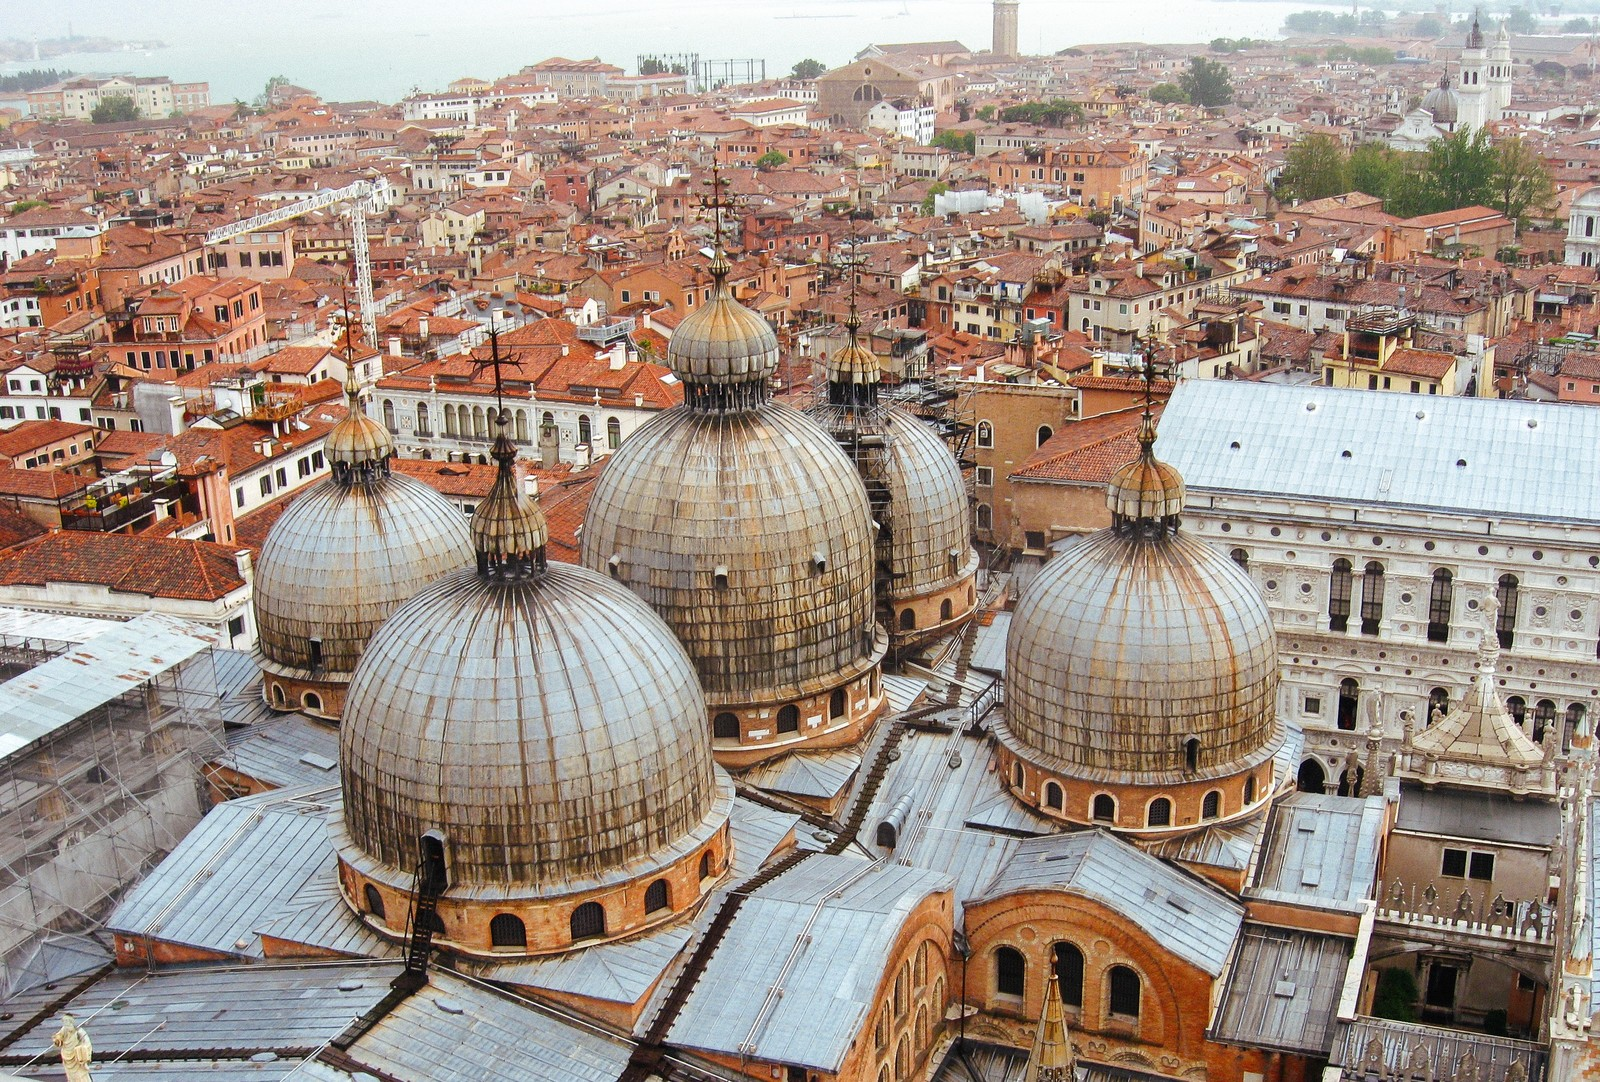 「サンマルコ寺院とベネチアの街並み(イタリア)」の写真